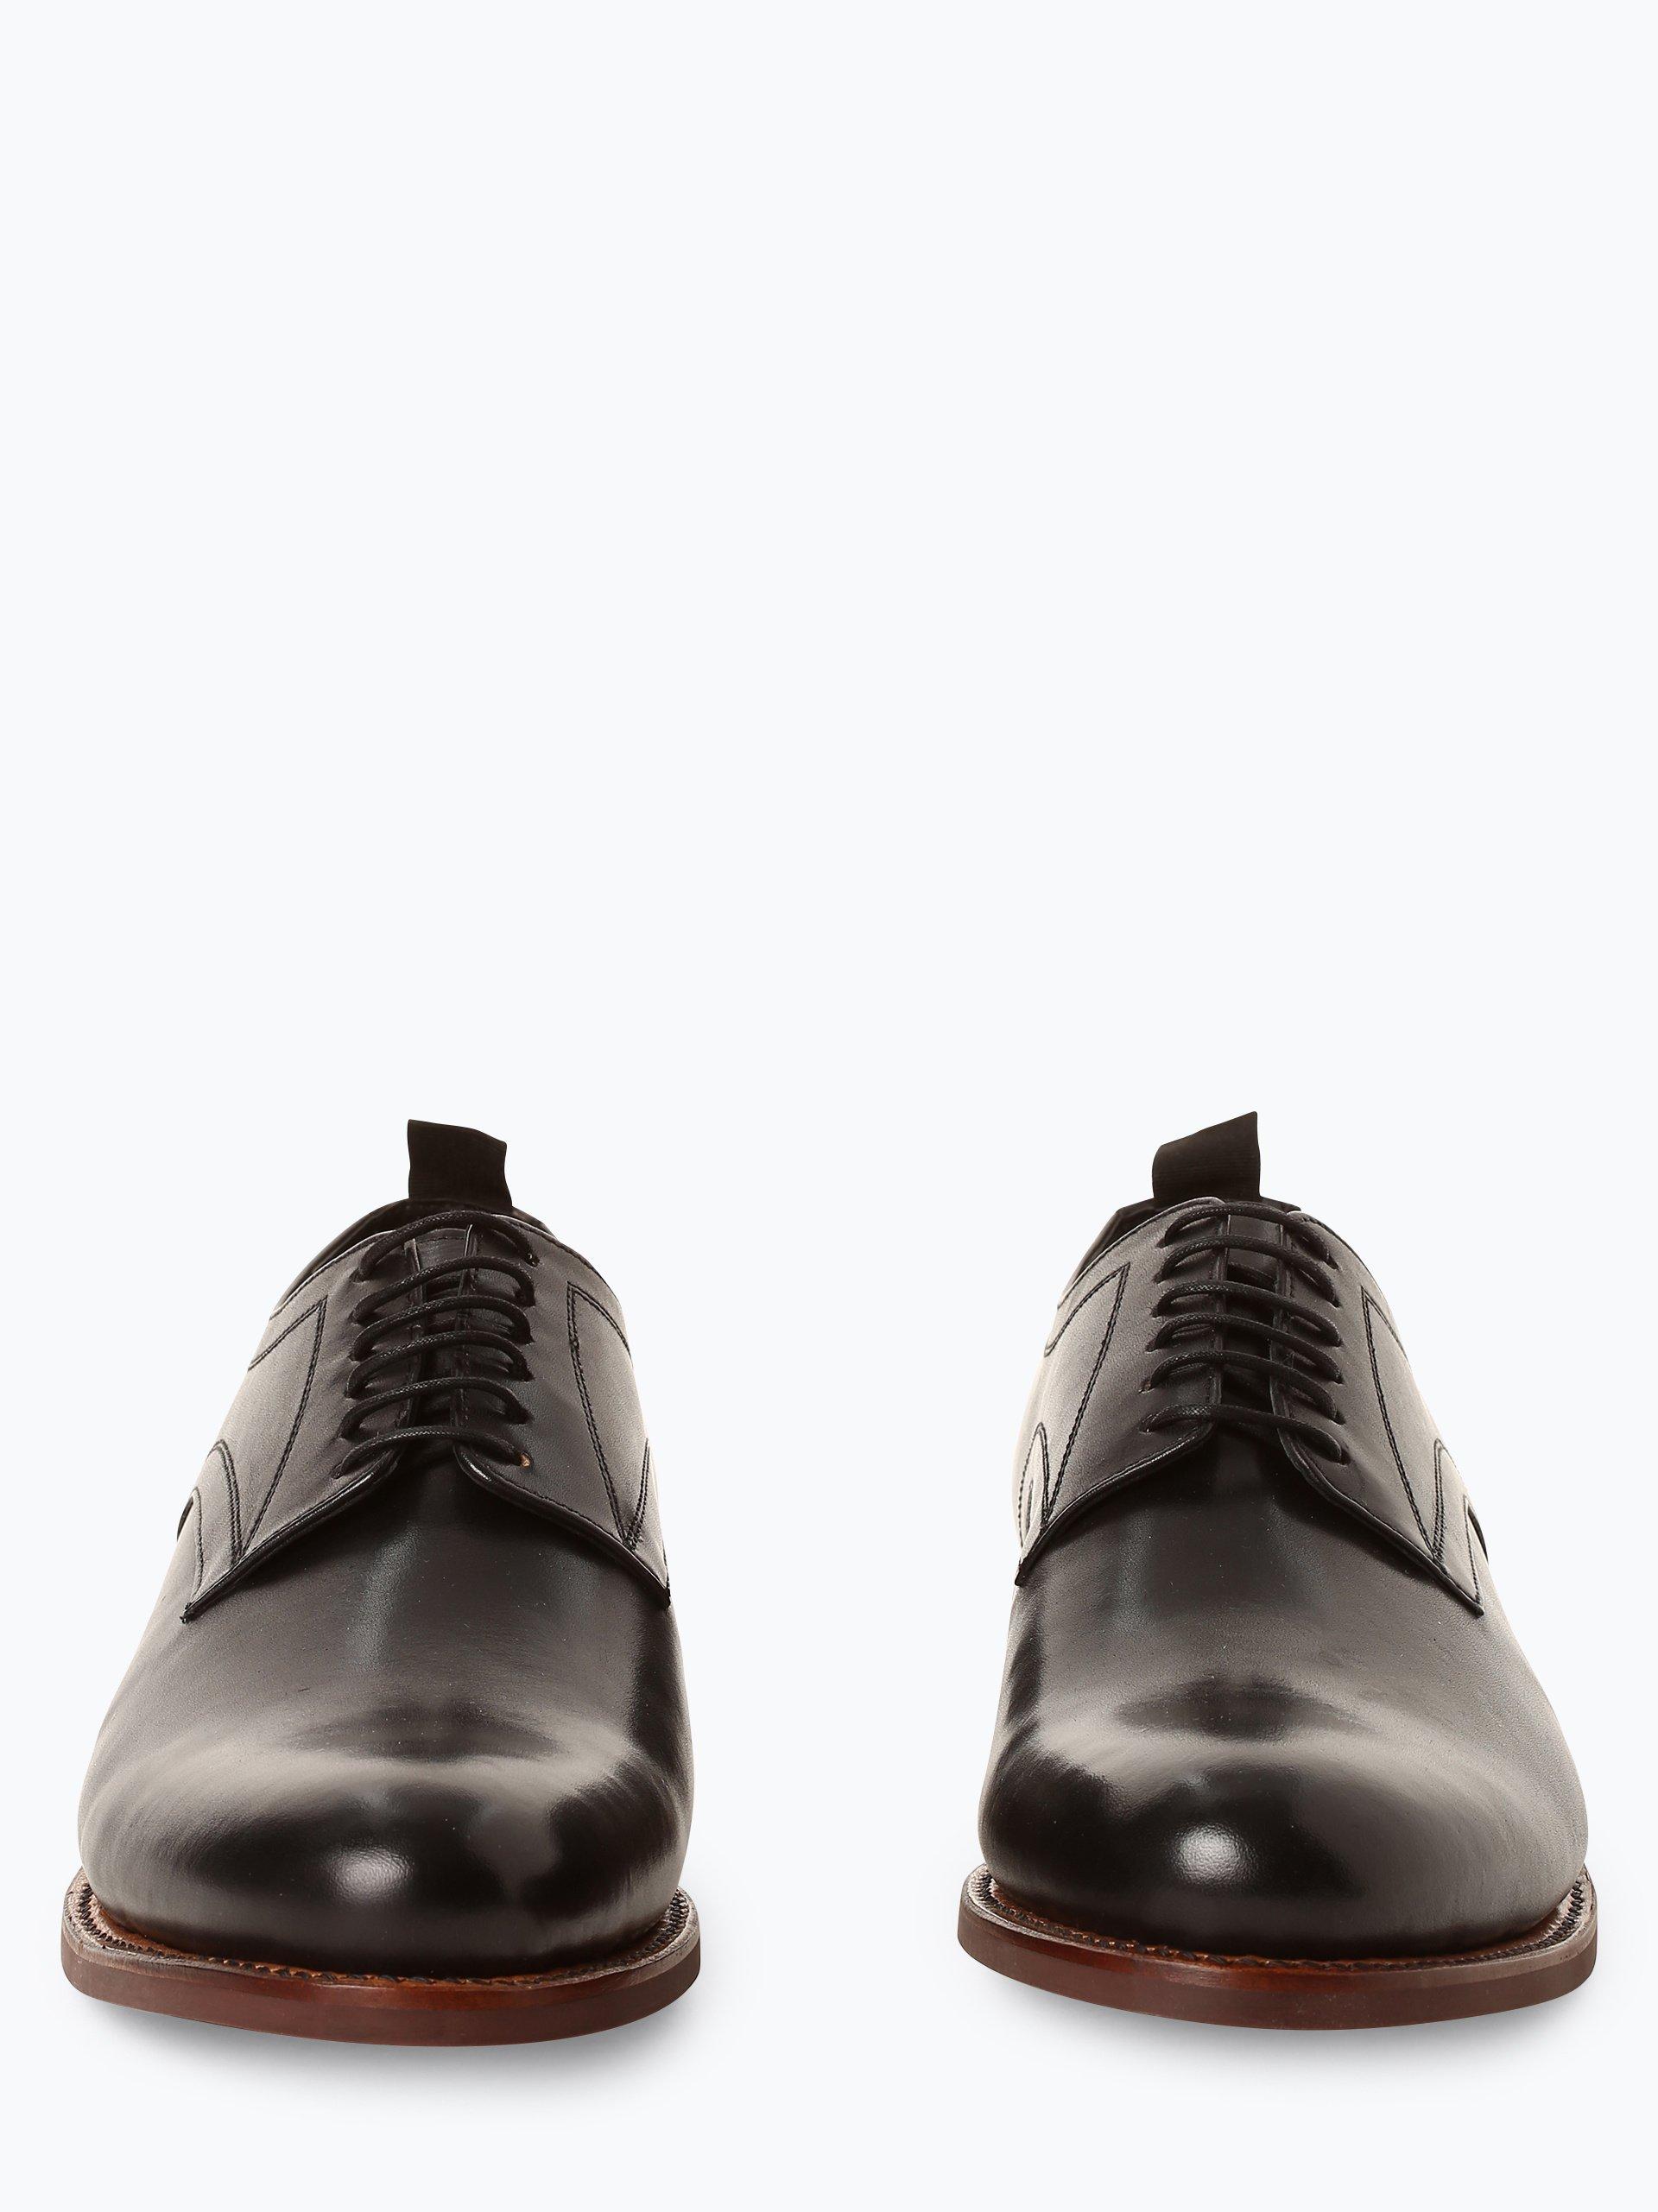 Gordon & Bros. Herren Schnürschuhe aus Leder - Levet